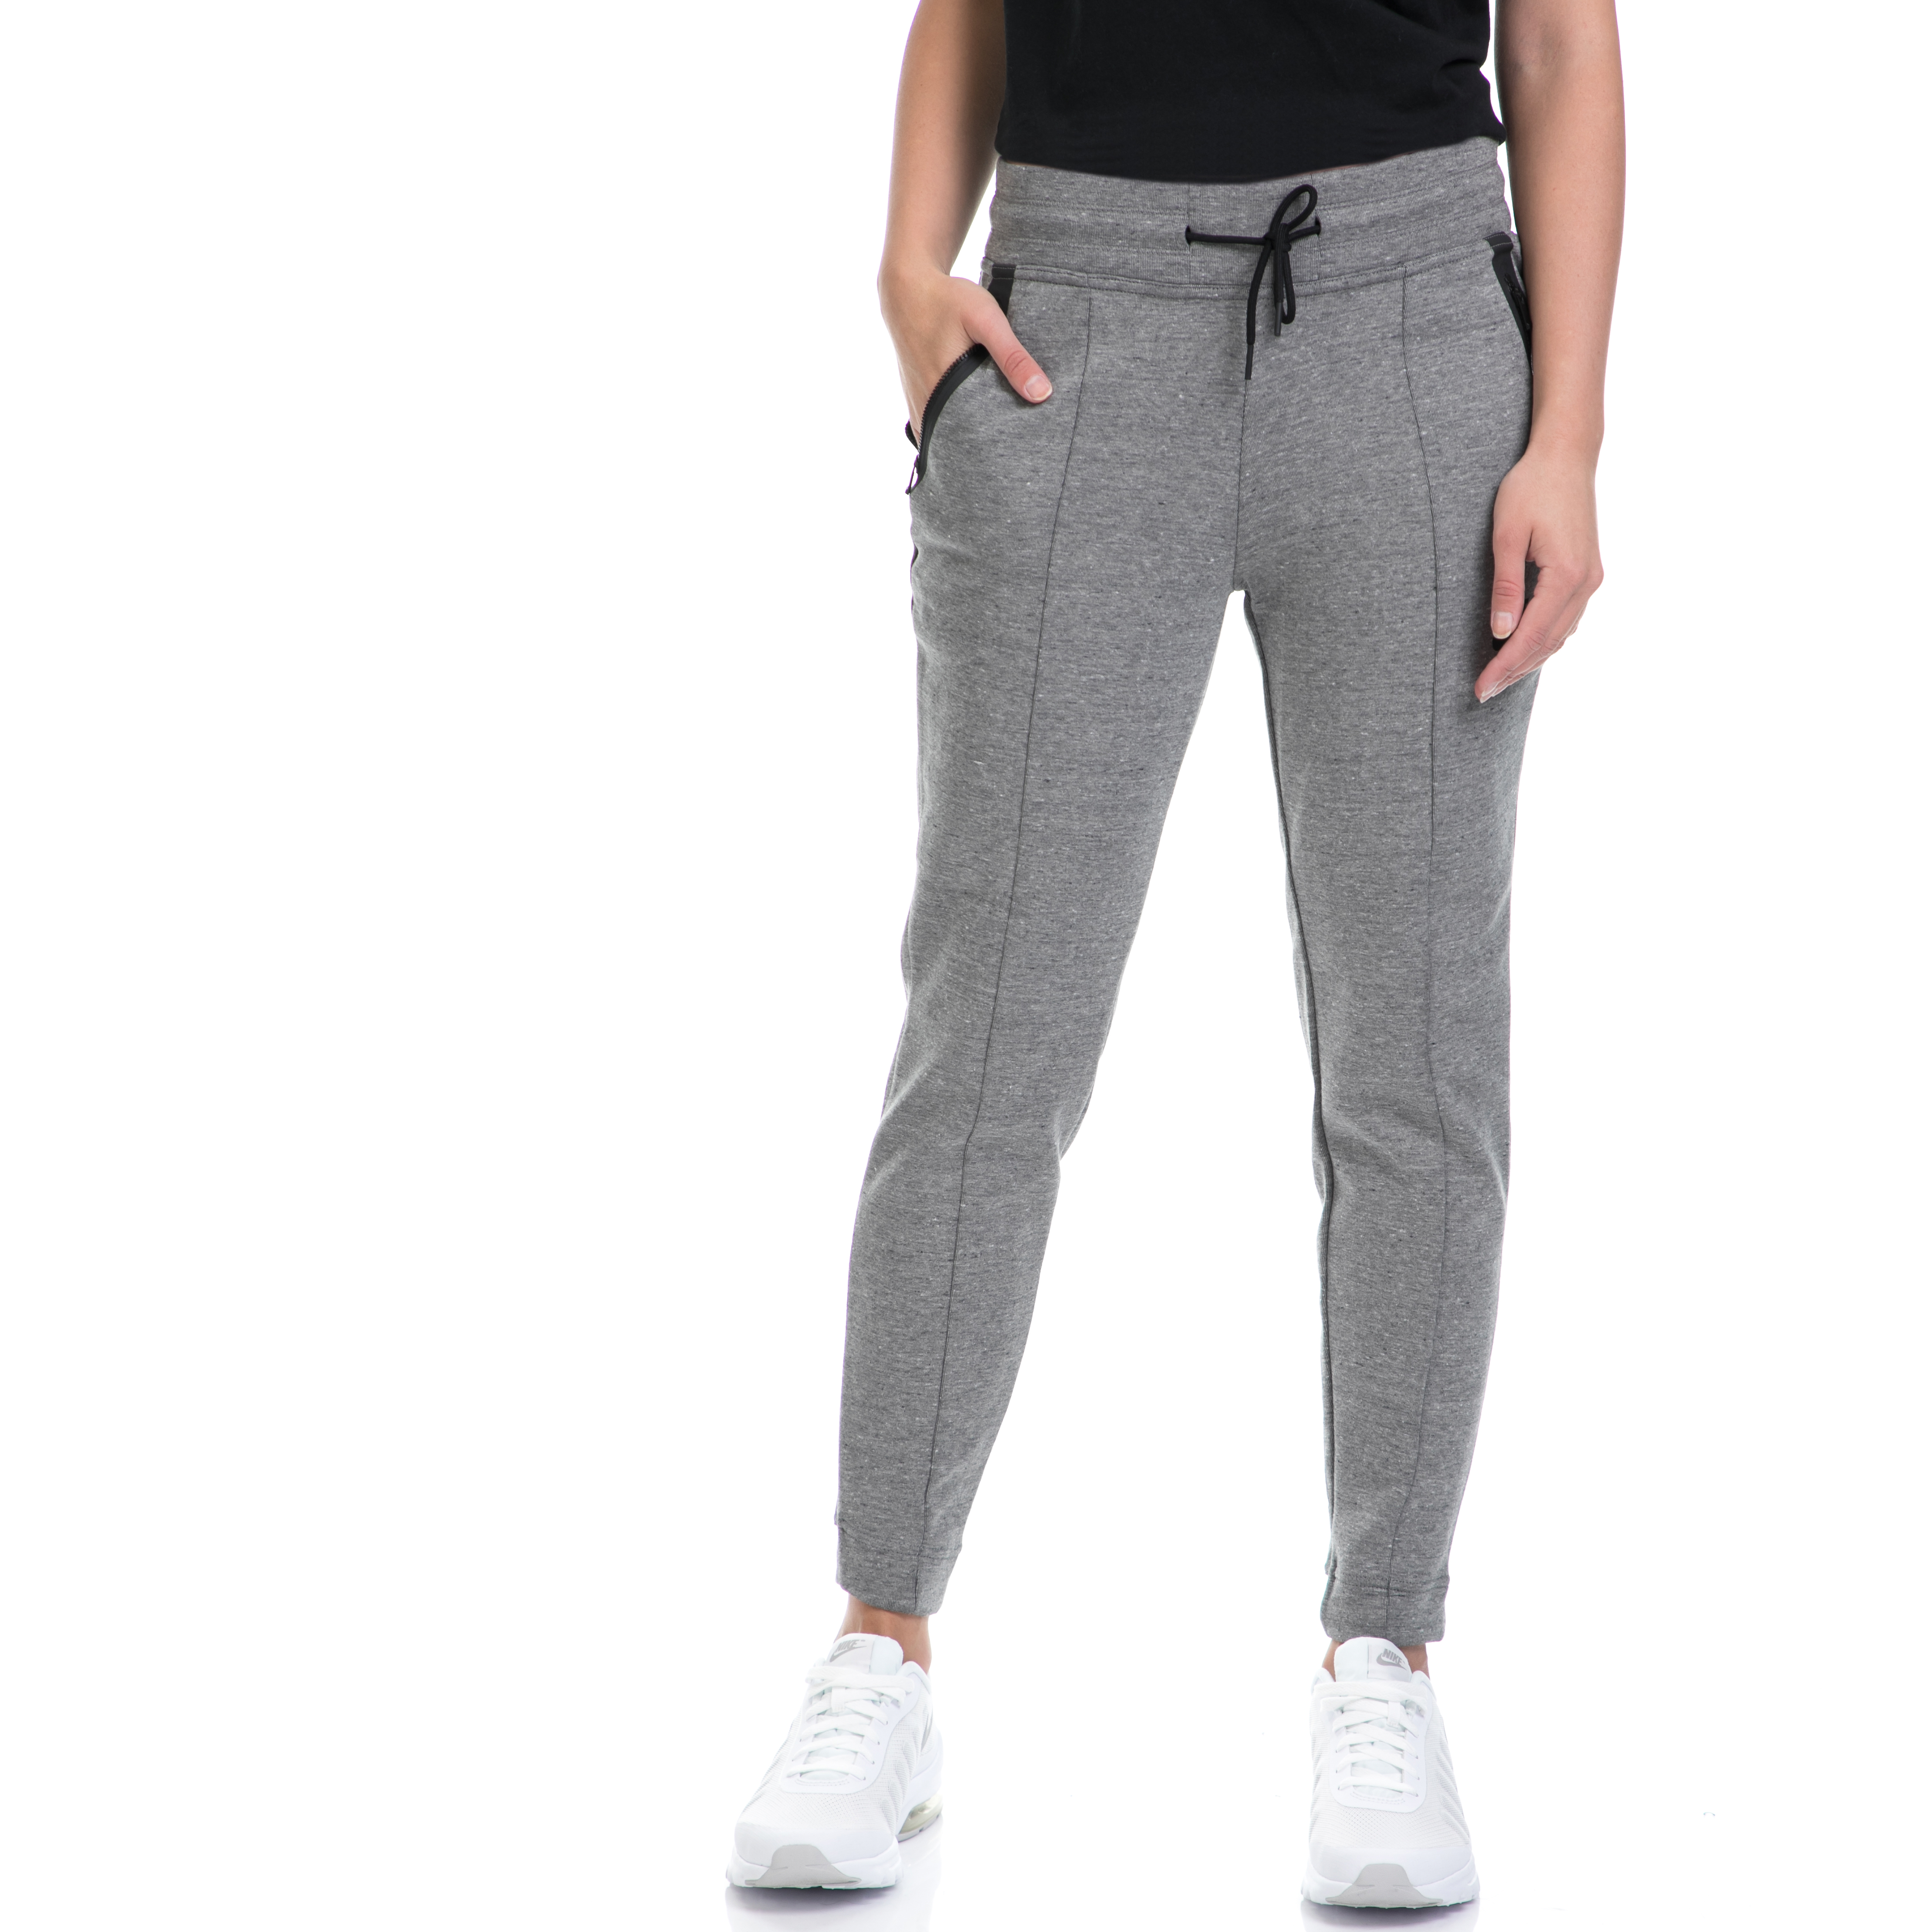 NIKE - Γυναικείο παντελόνι/φόρμα NIKE γκρι γυναικεία ρούχα αθλητικά φόρμες